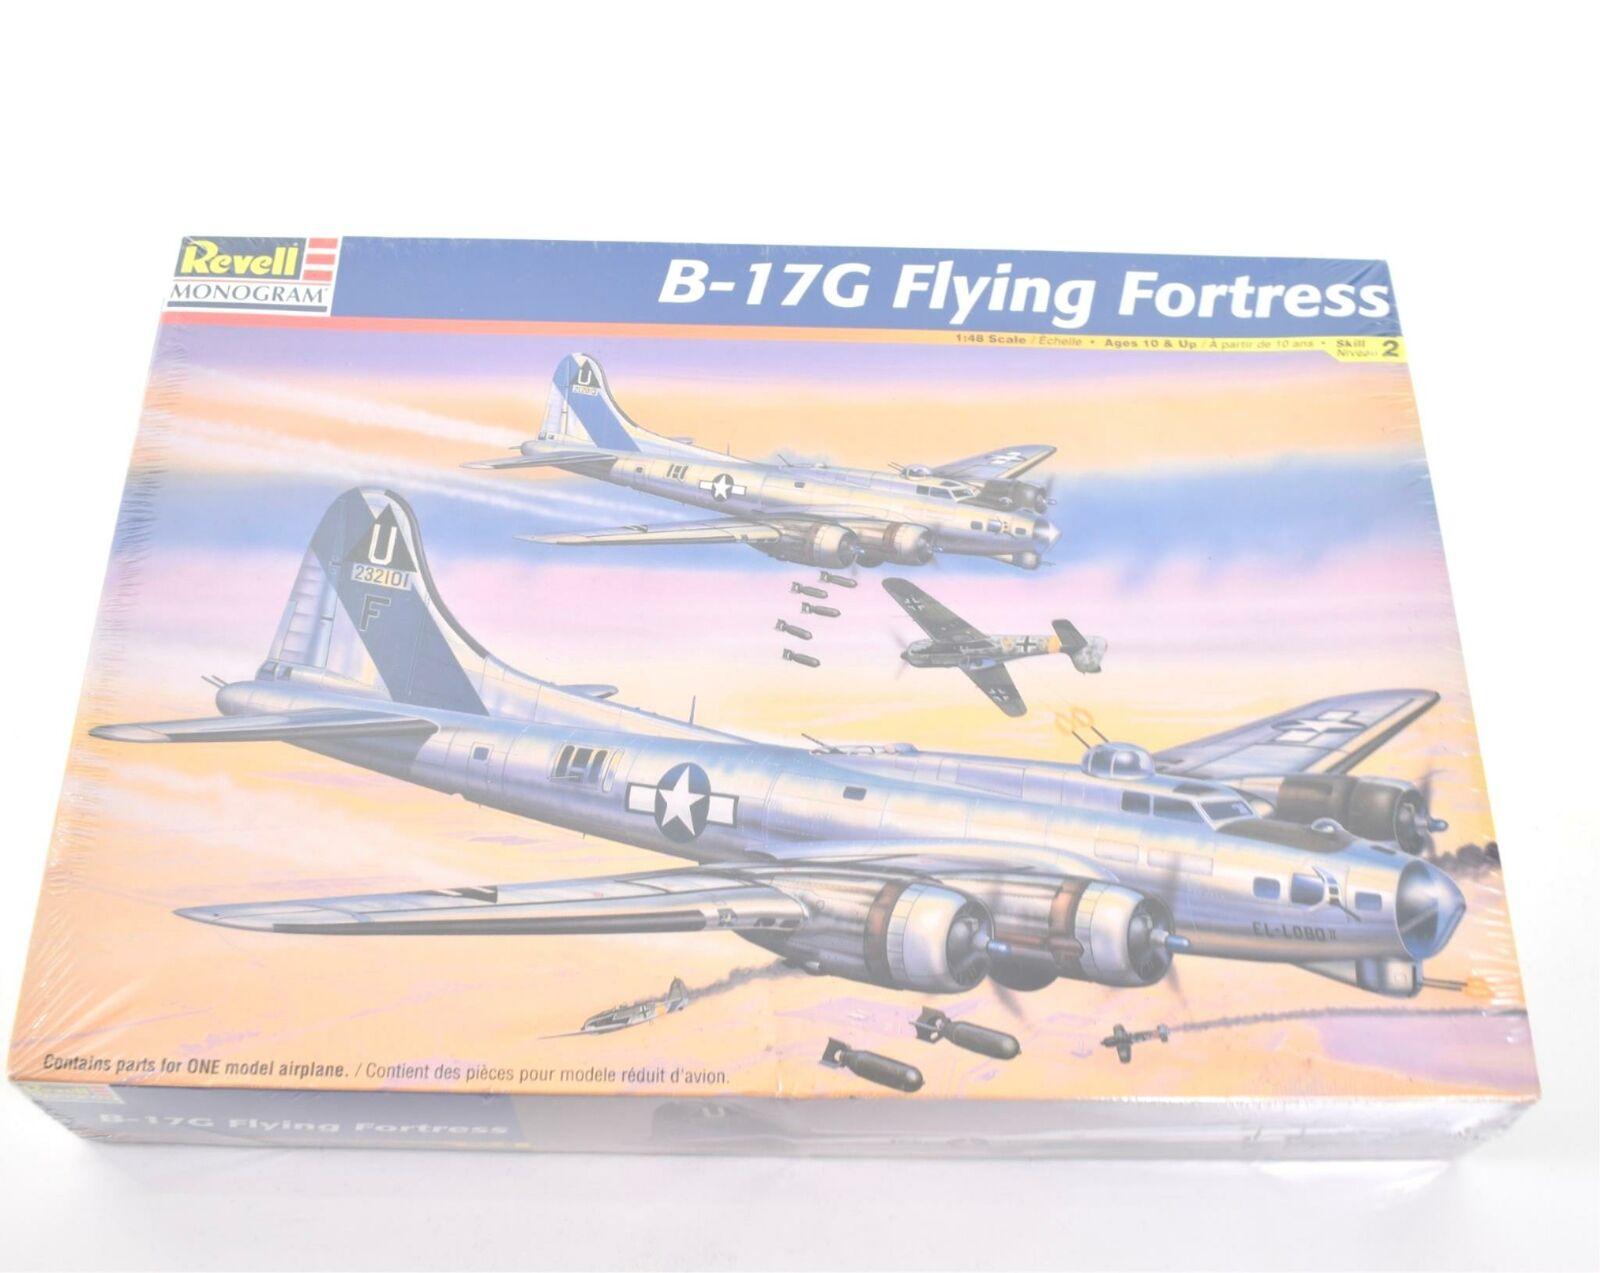 Revell Monogram B-17G Flying Fortress 1:48 Kit Modello Nuovo